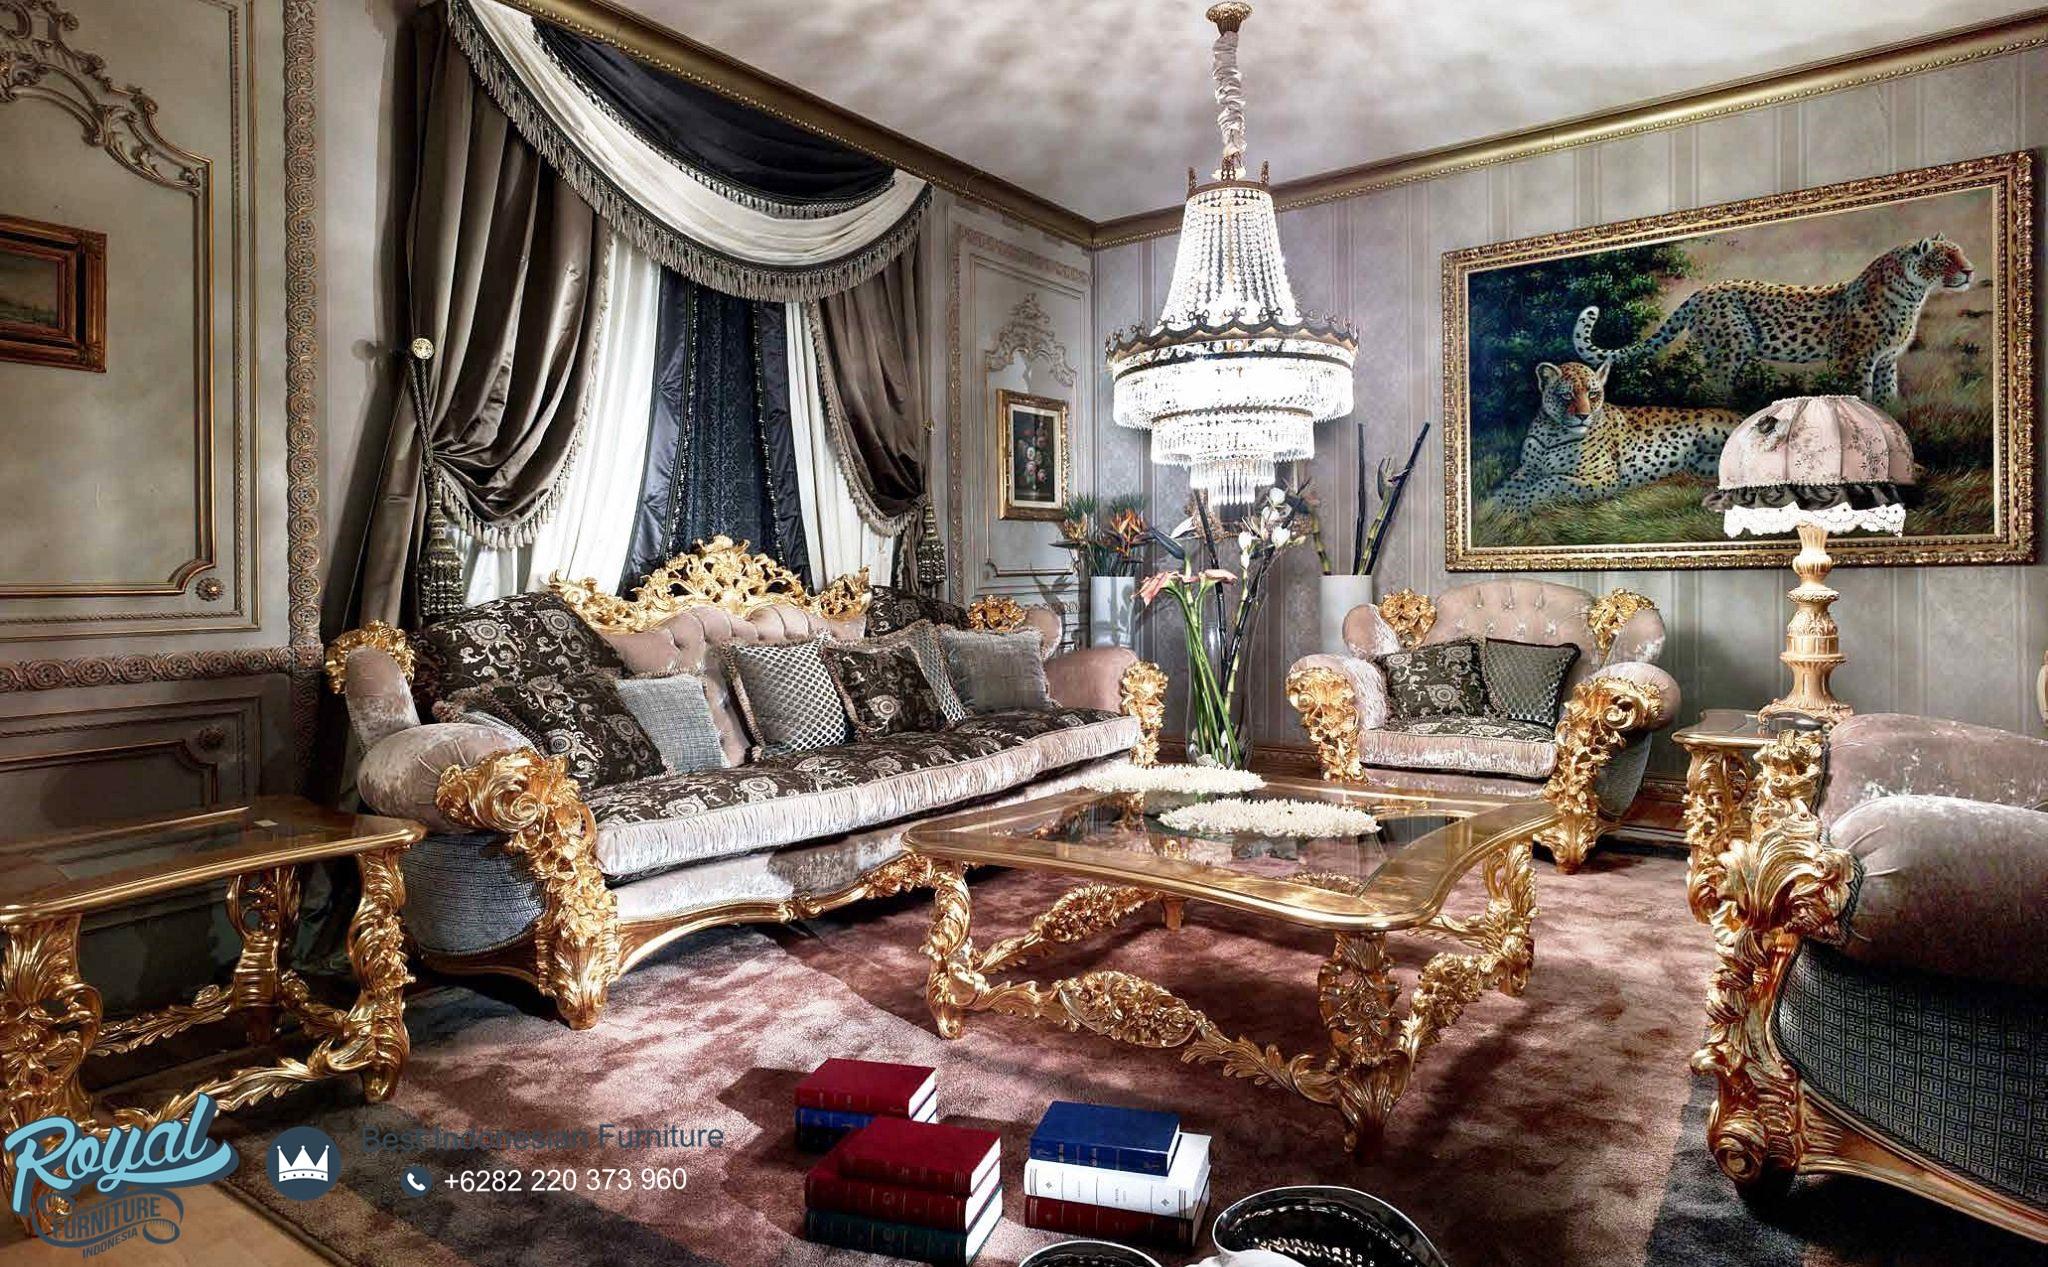 Sofa Tamu Klasik Ukir Jepara Terbaru Gostinaya Viola, sofa jepara mewah, kursi sofa jati minimalis, sofa jati jepara minimalis, sofa jati modern, sofa jati minimalis modern, sofa jati mewah, harga sofa jati klasik, sofa jati jepara murah, harga sofa jepara terbaru, sofa jati terbaru, sofa jati sudut ukir, sofa ukir sofa jati jepara, set sofa tamu mewah, sofa tamu mewah, kursi tamu mewah, sofa tamu mewah klasik jepara, mebel jepara, furniture jepara, royal furniture